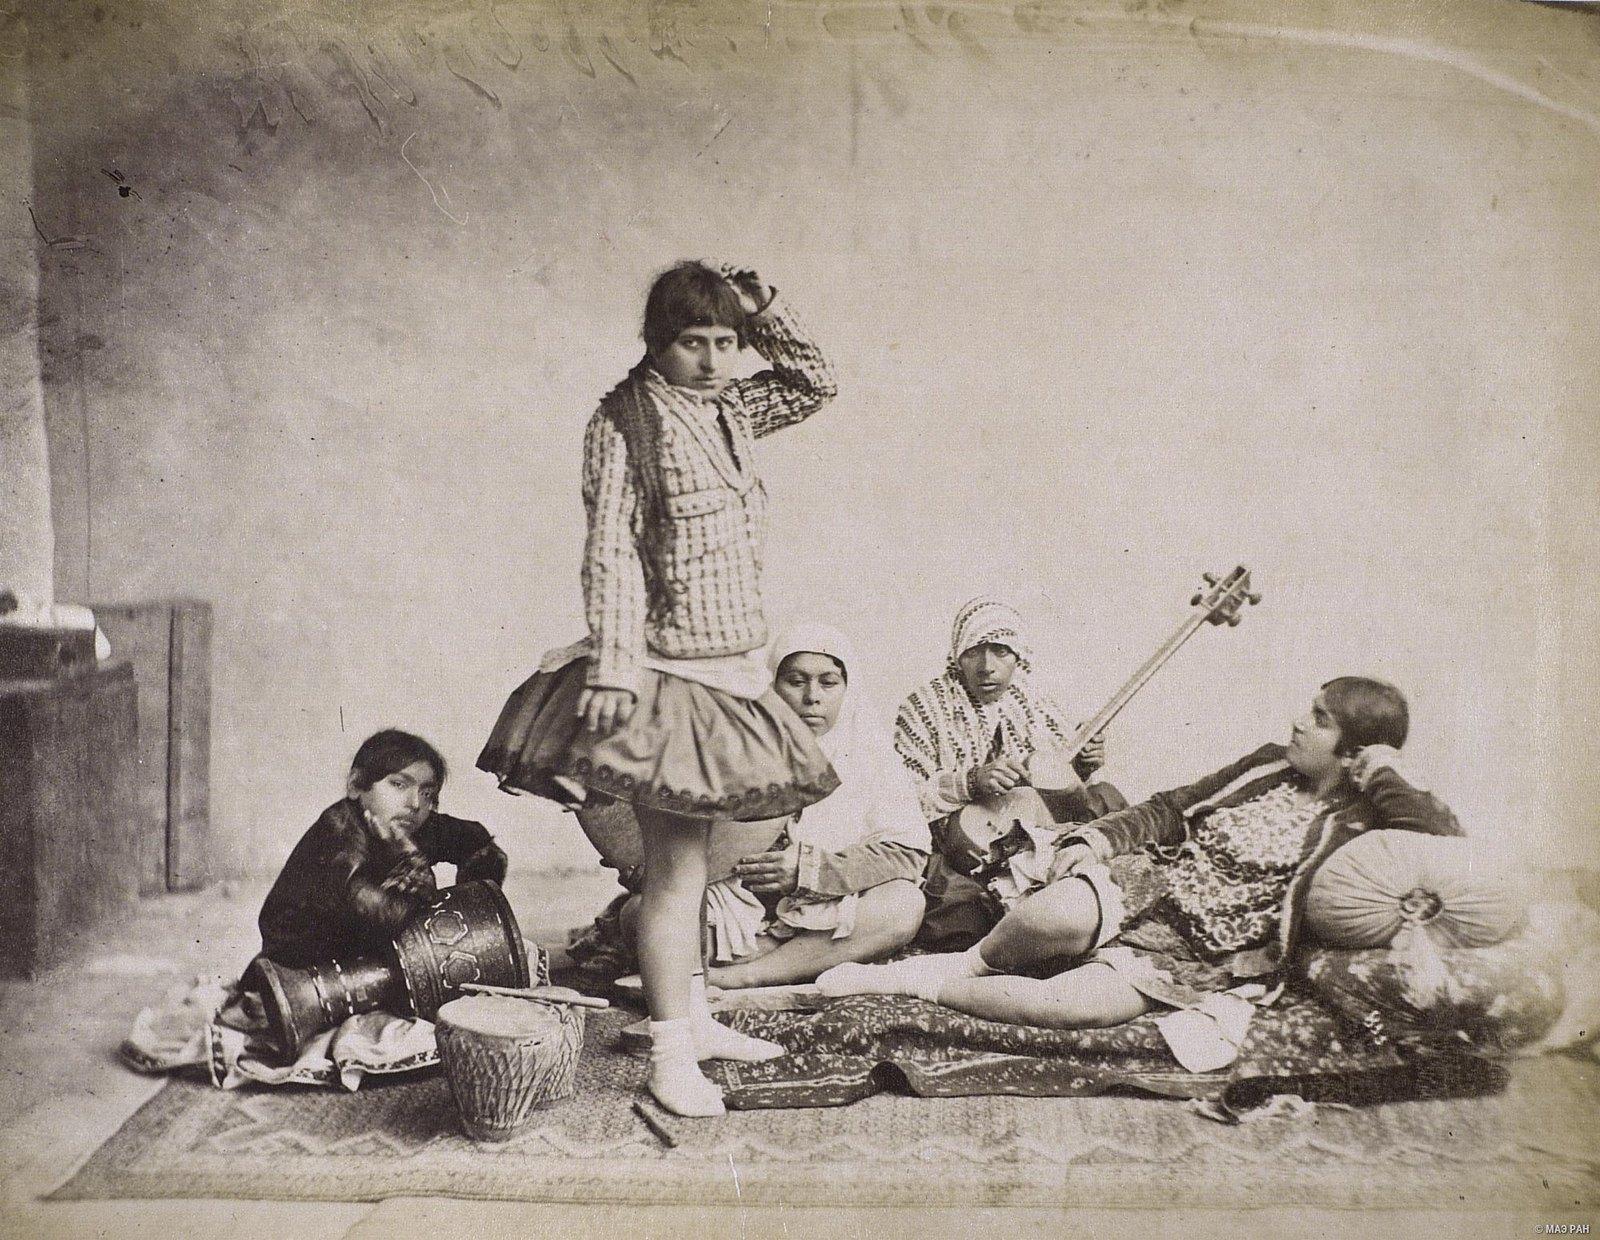 Женщины в эндеруне (внутреннем дворце) за танцами